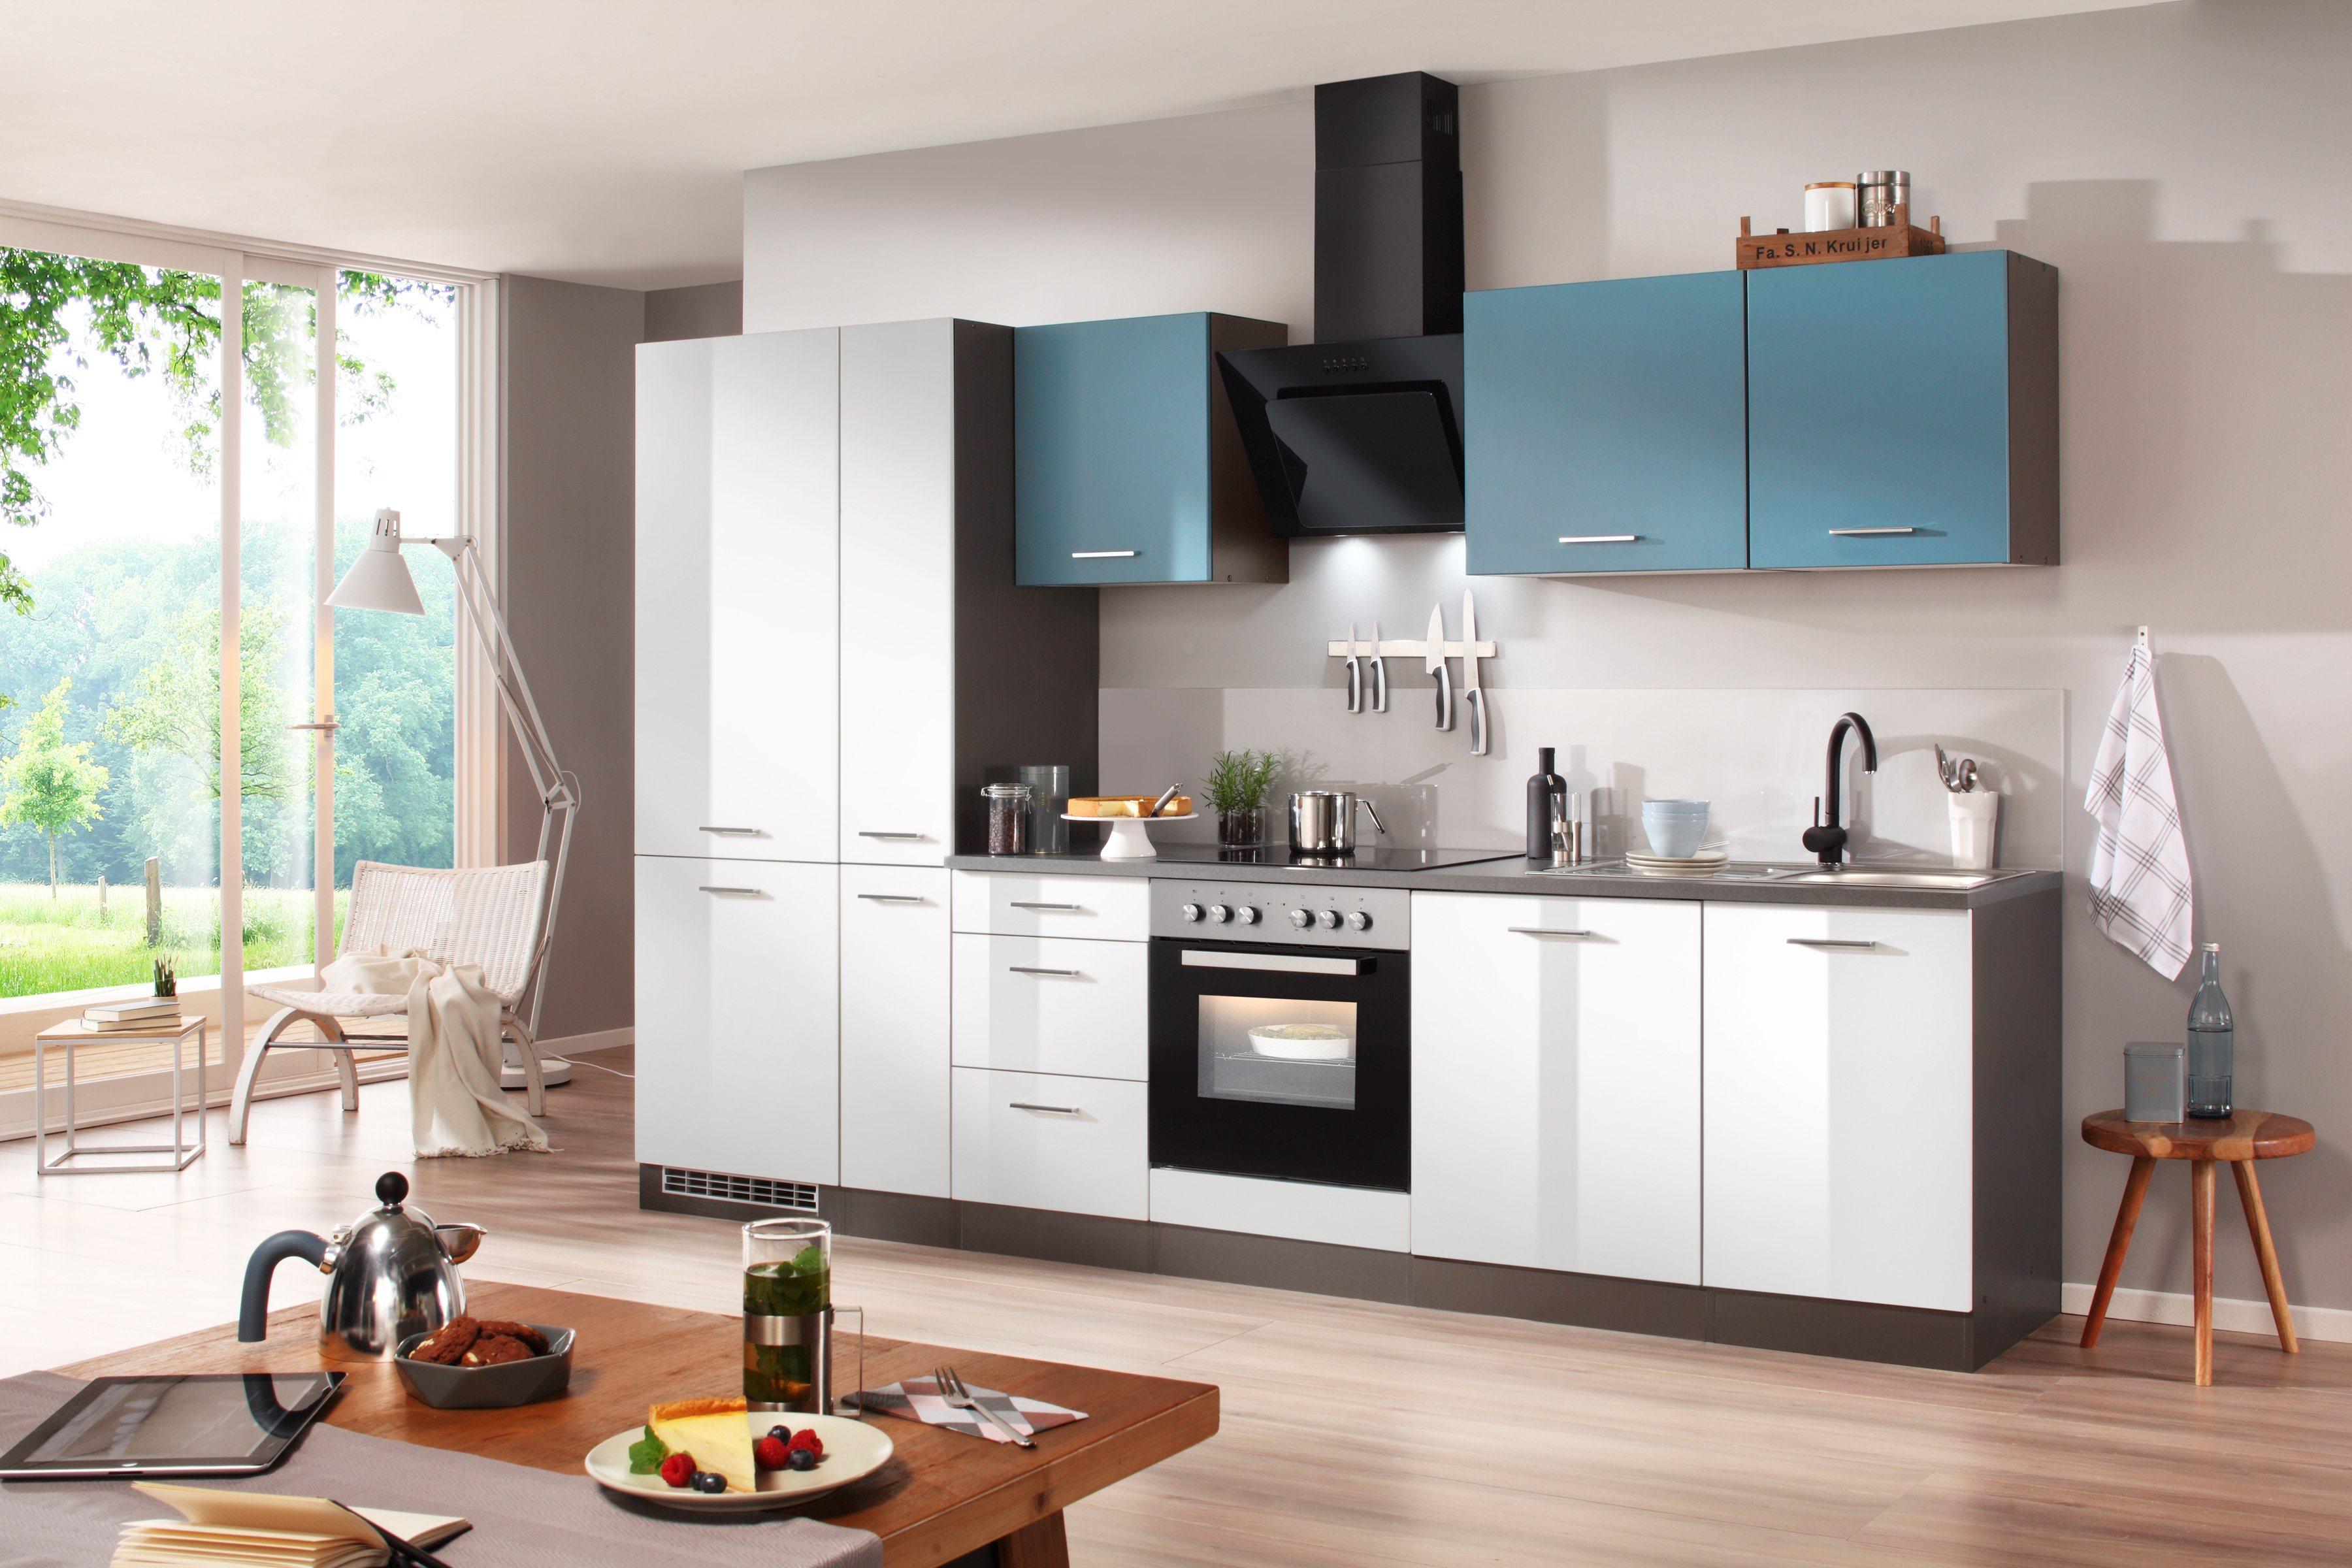 Ungewöhnlich Gebraucht Kaufen Küchenschränke Online Galerie - Küche ...